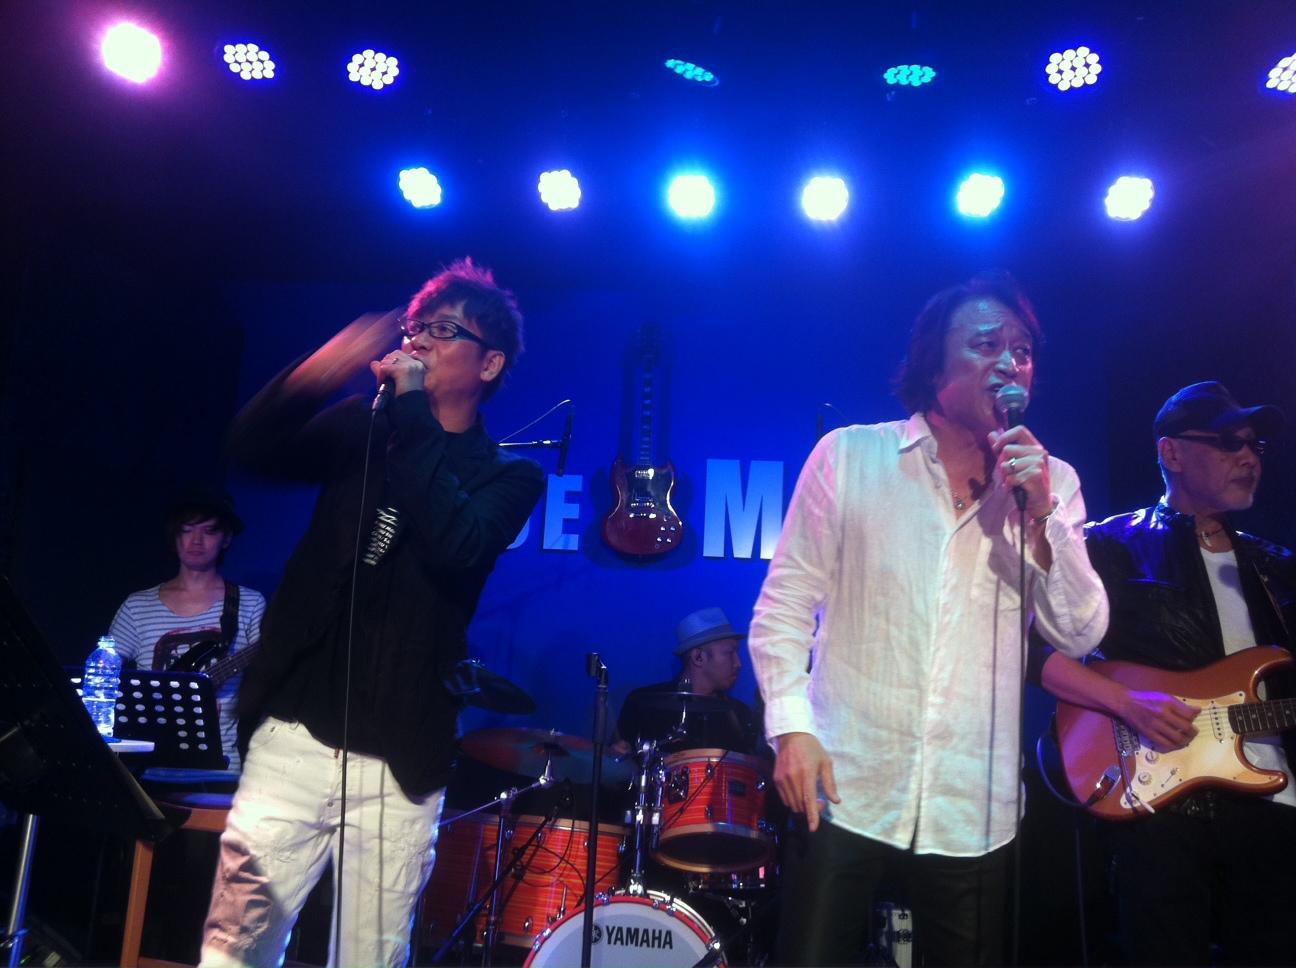 昨夜の小柴大造さんライブのサブライズゲストは、以前クラブeXにご出演いただいた山寺宏一さん。ステージ上から写真もアップして大丈夫と言っていただいたので記念に。_e0094804_18165183.jpg